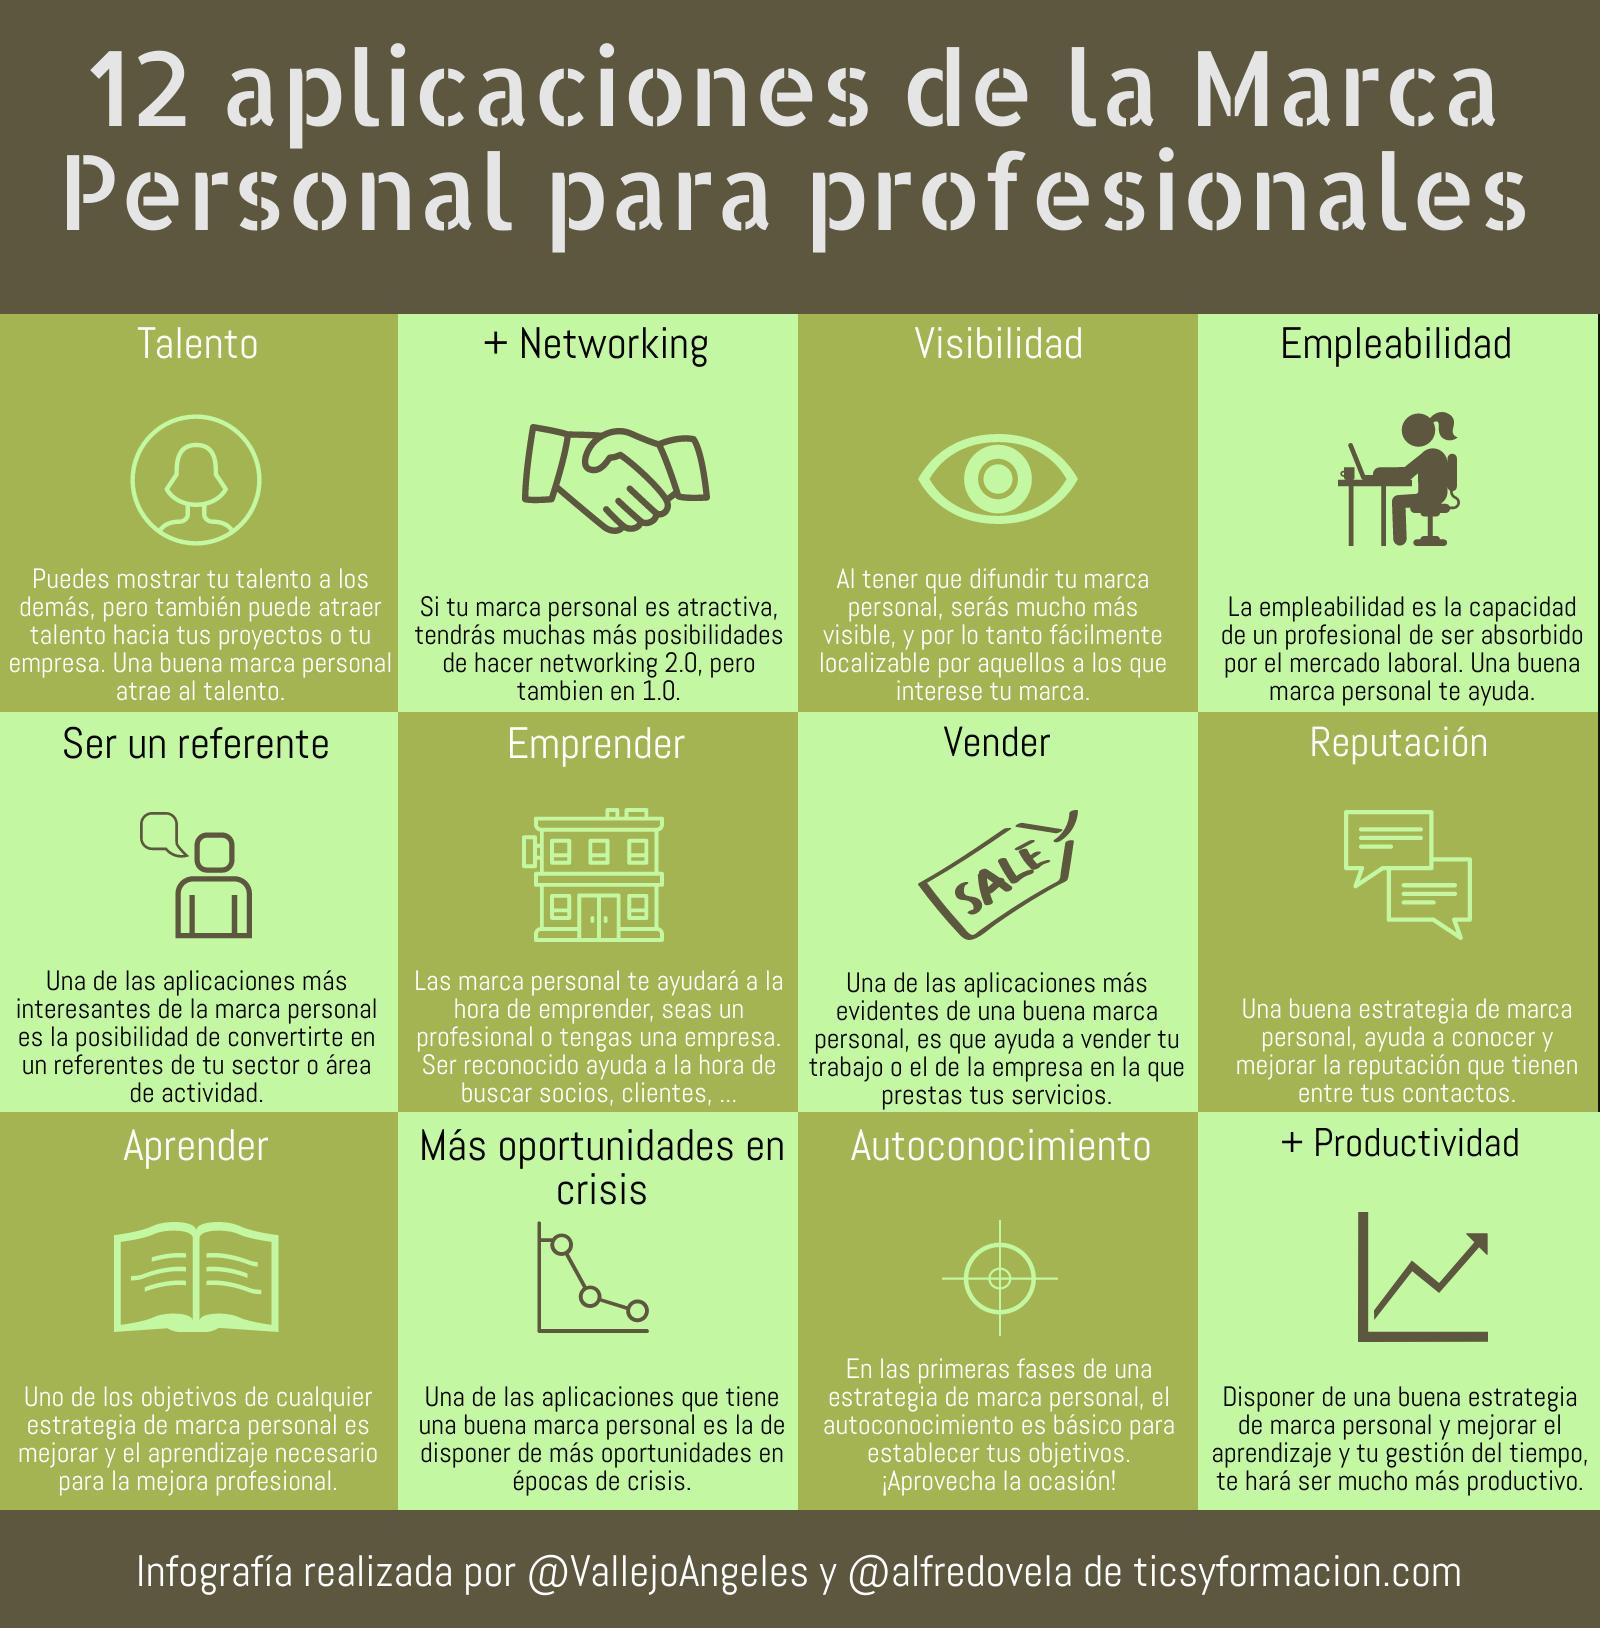 12 aplicaciones de la Marca Personal para profesionales #infografia #marcapersonal